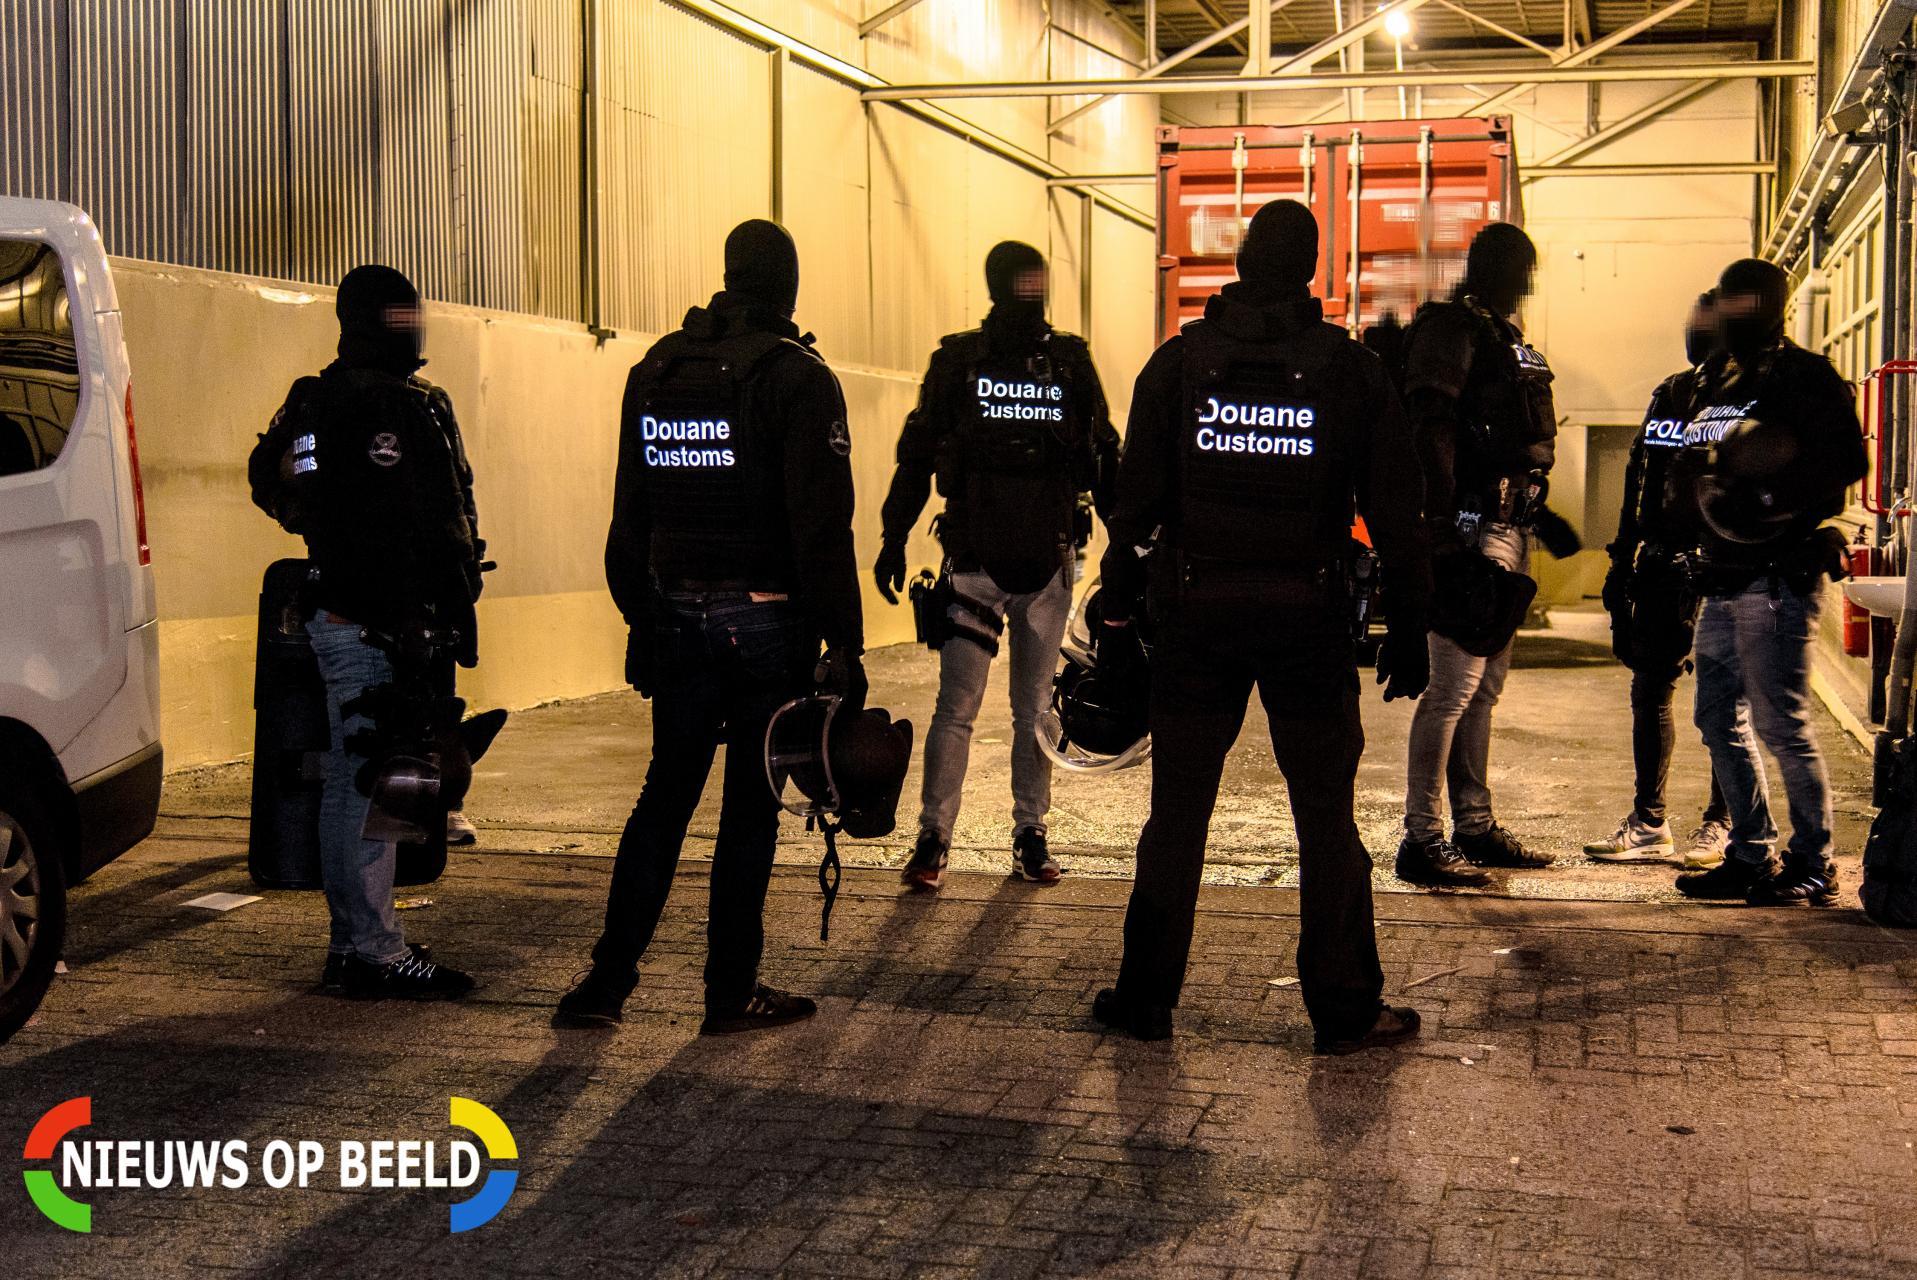 Meerdere aanhoudingen na grote inval politie en douane Van Maasdijkweg Rotterdam – Nieuws op Beeld – Altijd het laatste (112) nieuws vanuit de regio Rotterdam-Rijnmond!